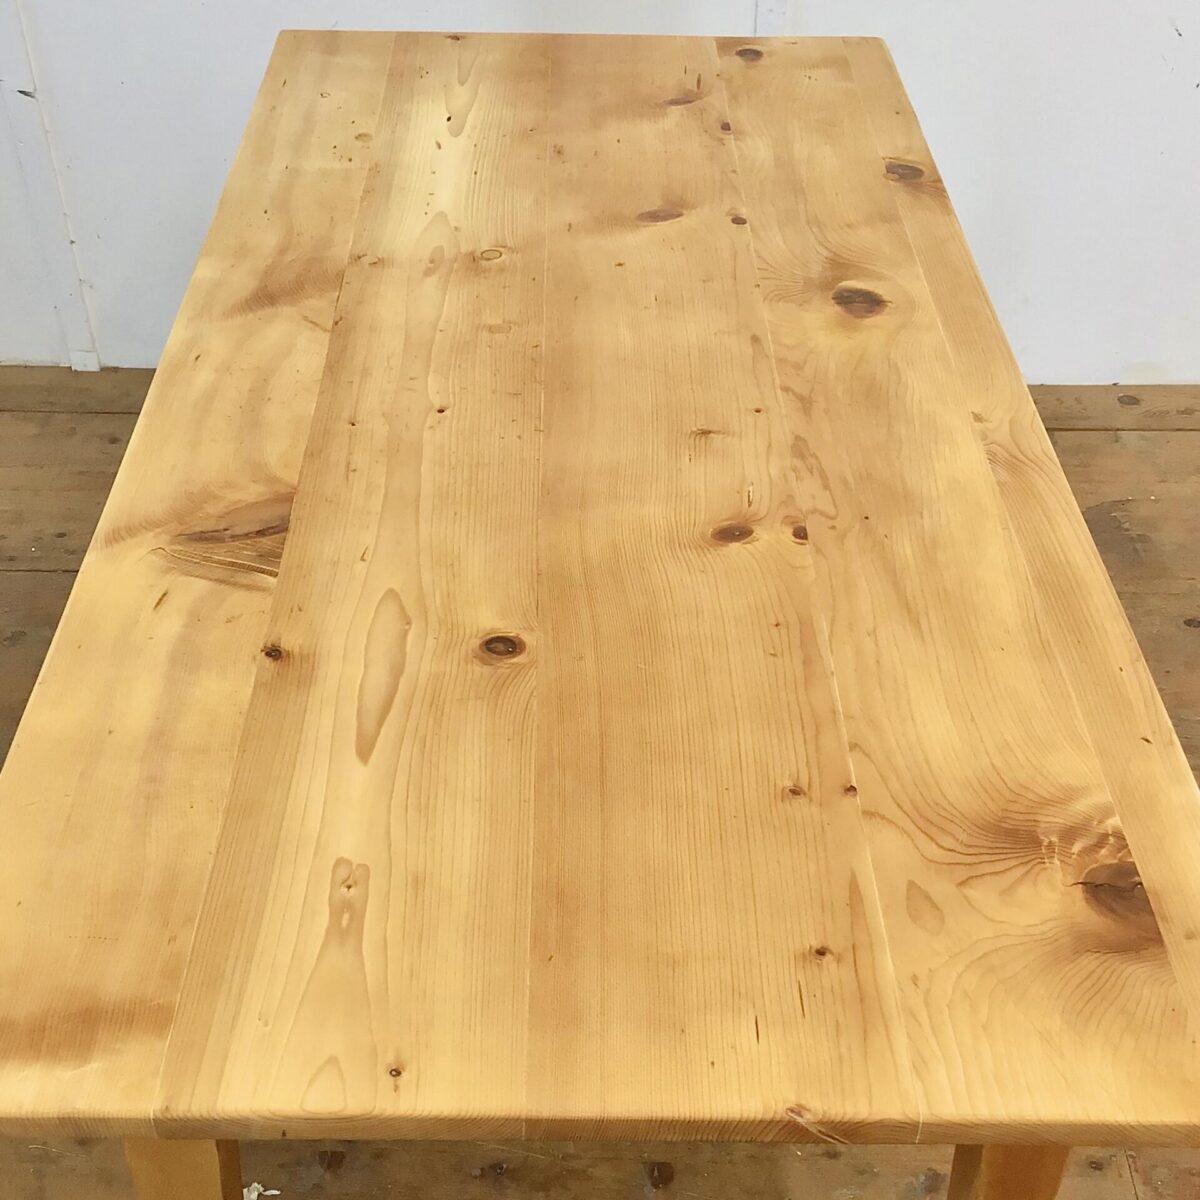 Tannenholztisch 182x83cm Höhe 78cm. Das Tischblatt ist teilweise etwas uneben. Die Beine wurden mal etwas verlängert um die Beinfreiheit zu vergrössern. Die Holz Oberflächen sind geölt, warme matte Ausstrahlung. An der einen Längsseite hat es eine Besteck Schublade, mit Holzgriff.